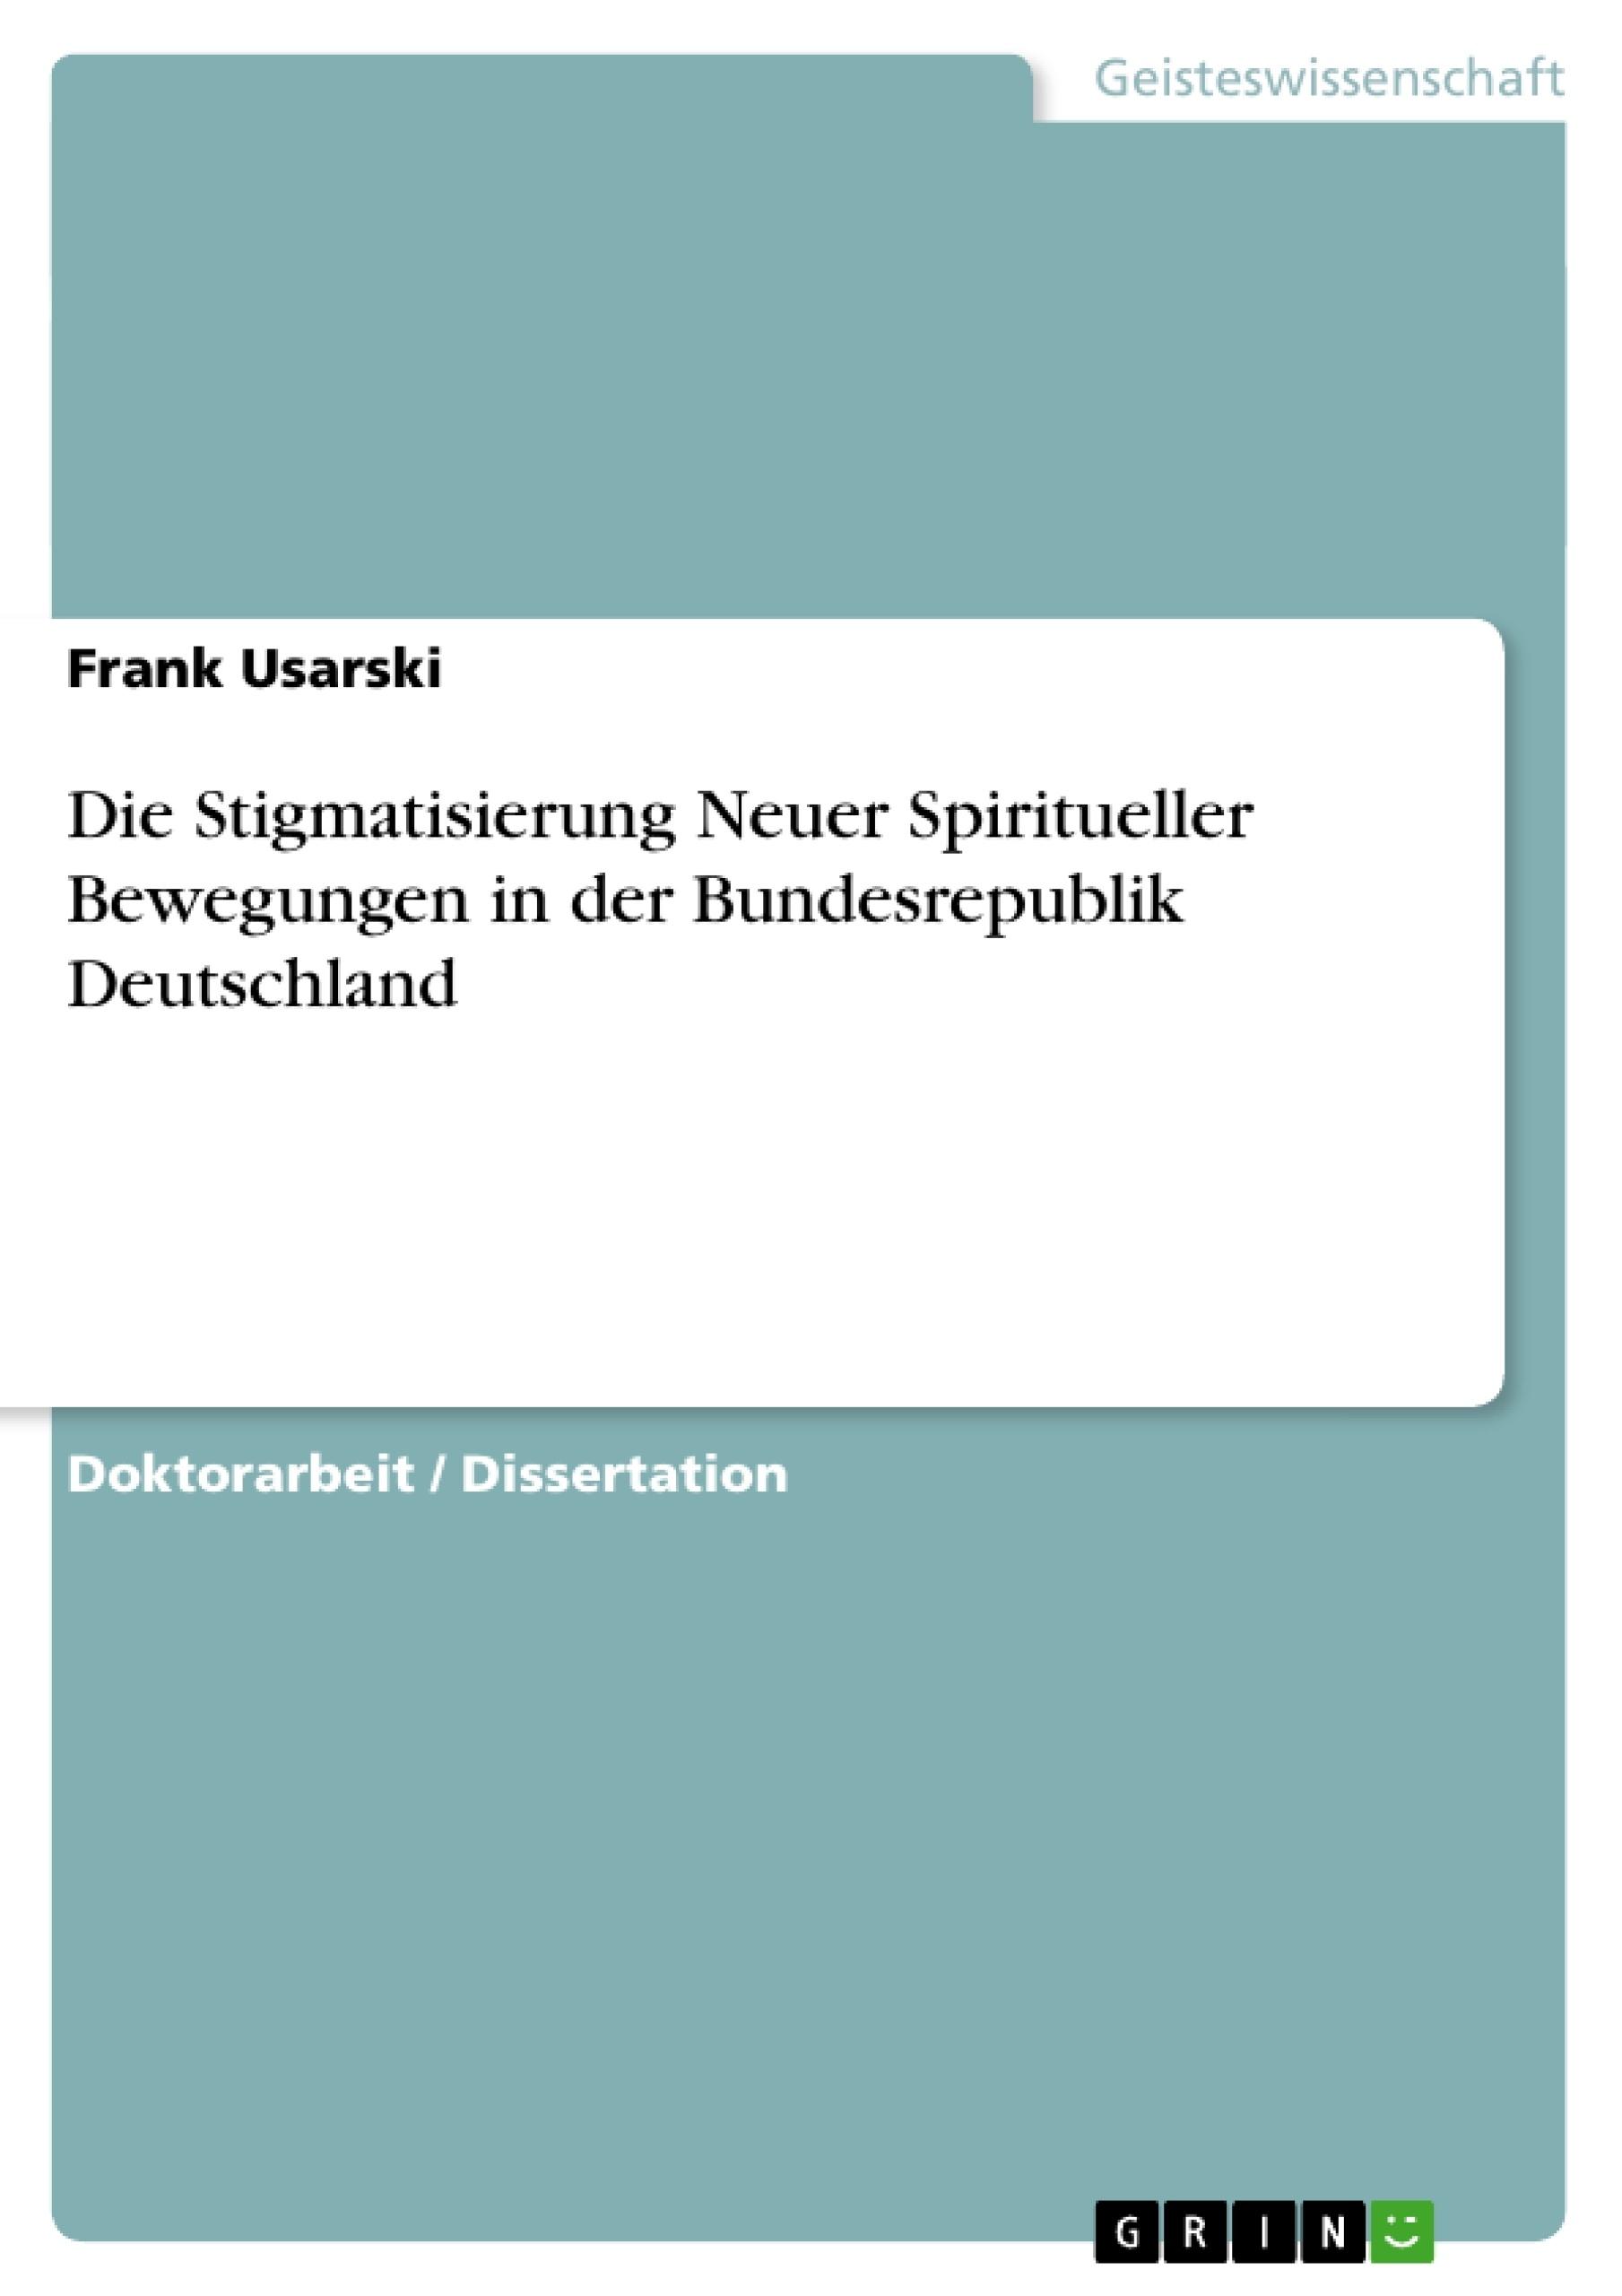 Großartig Fraktionen Mit Im Gegensatz Zu Nennern Arbeitsblatt Ideen ...